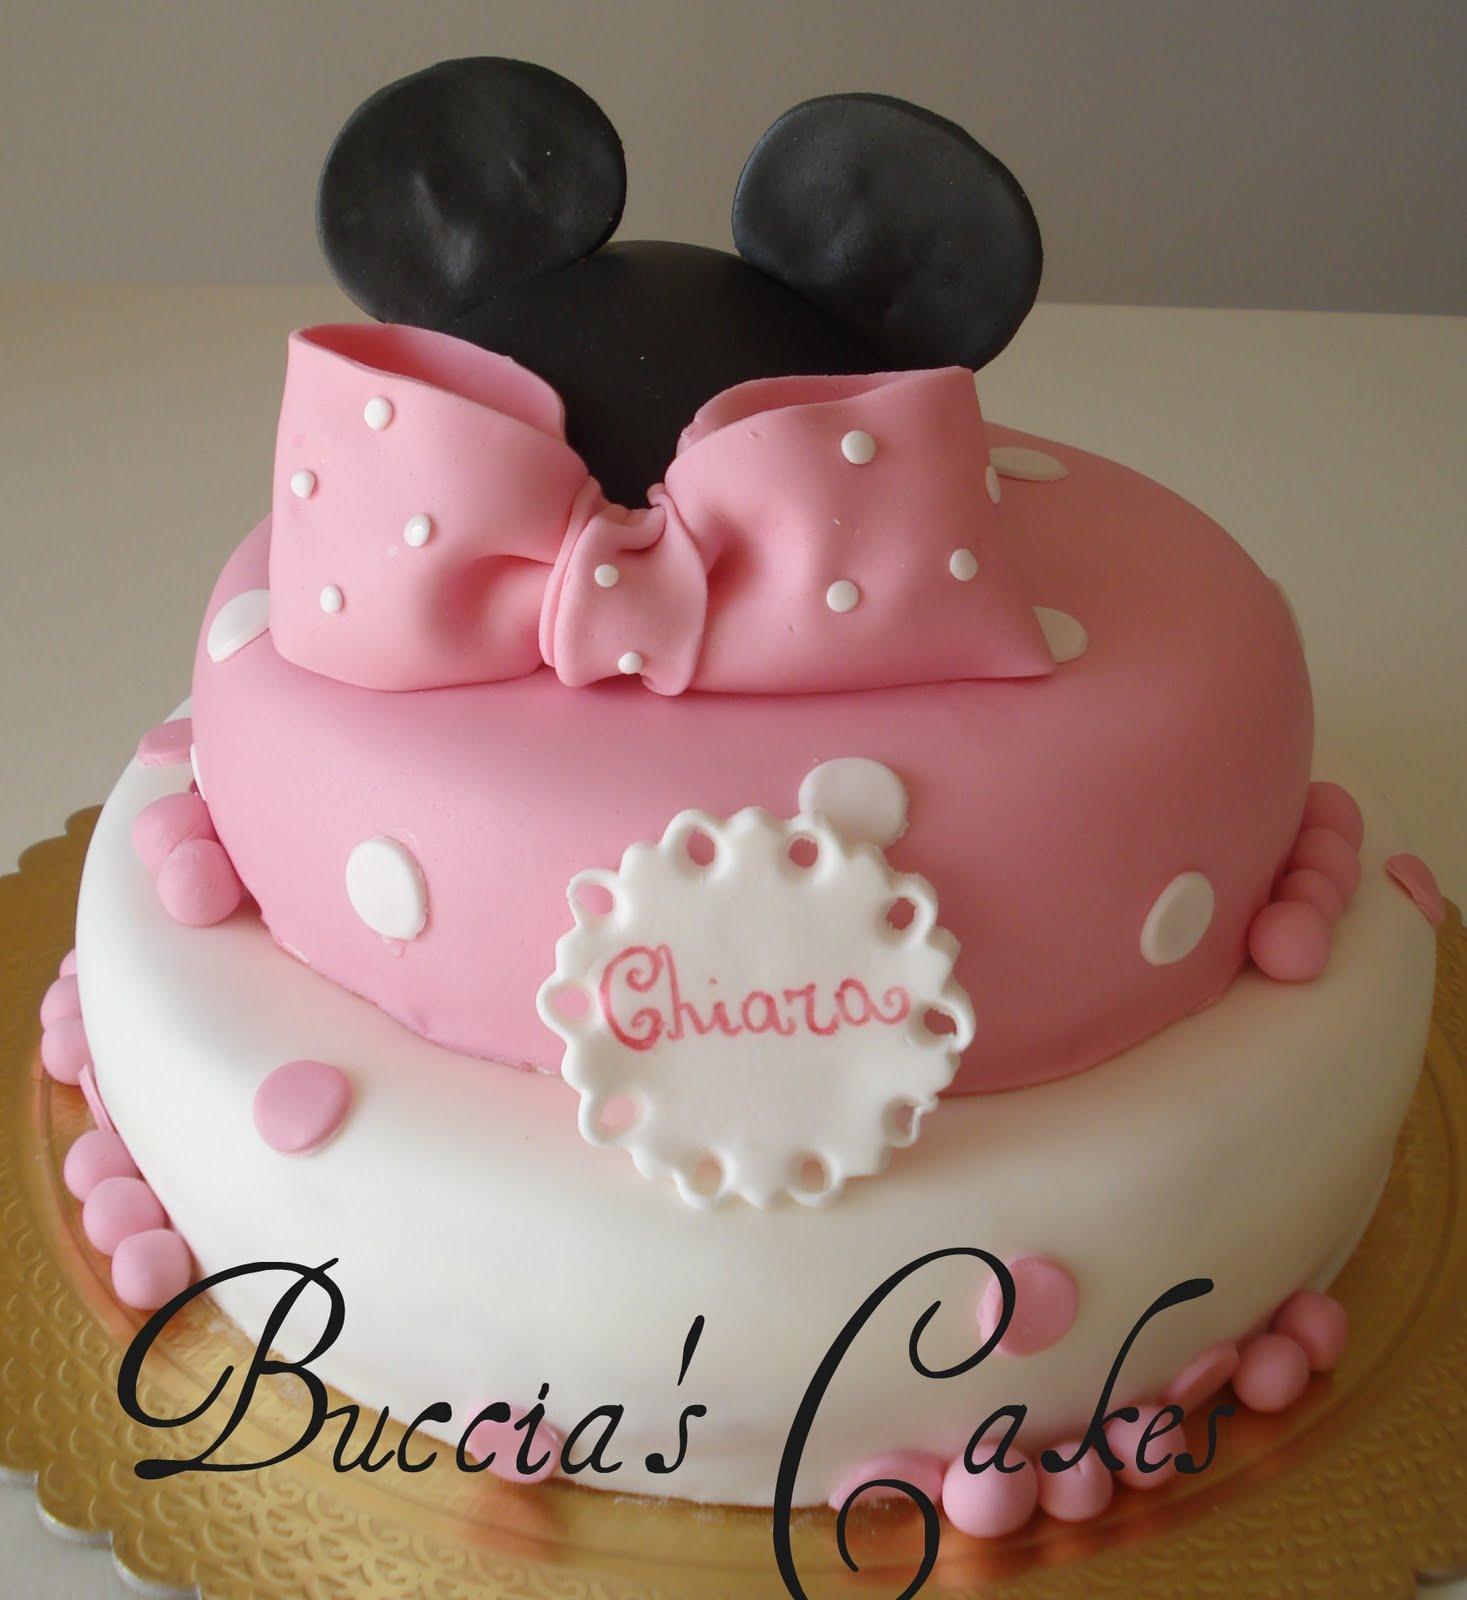 Buccia S Cakes Torta Minnie